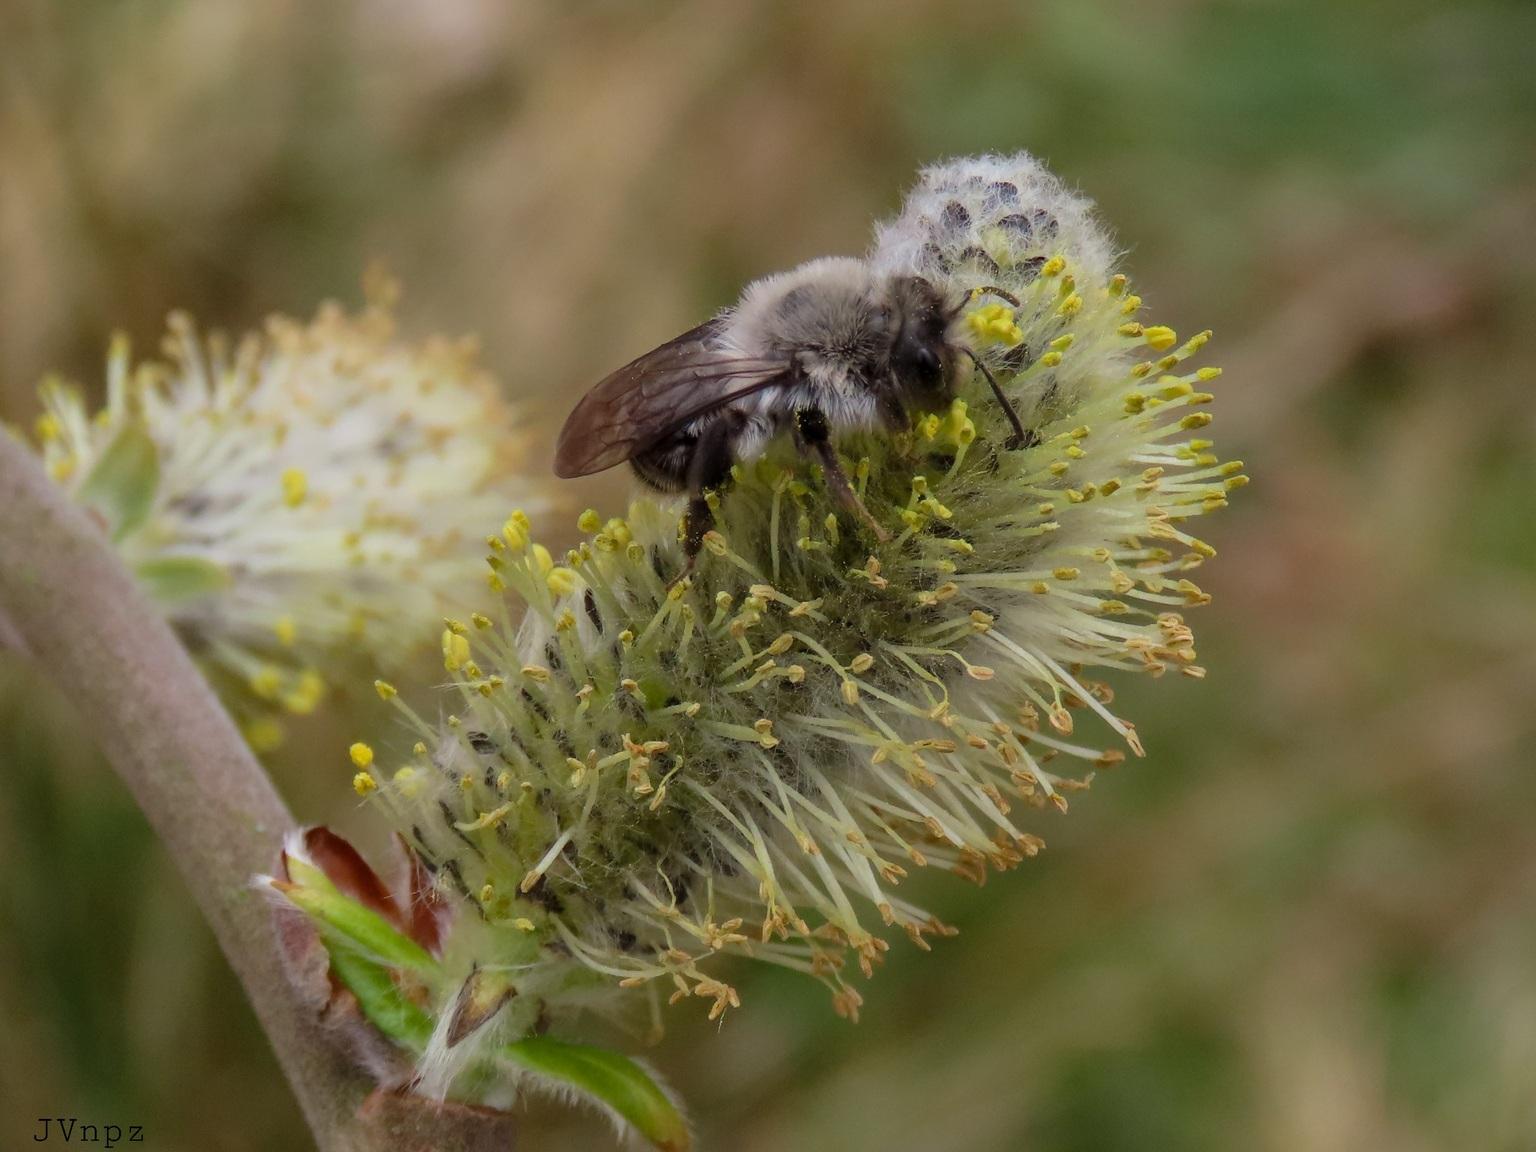 Grijze Zandbij - De grijze zandbij is een van de grootste zandbijen  - foto door Vissernpz op 10-04-2021 - deze foto bevat: bij, honing, natuur, macro, wilg, zandbij, bloem, fabriek, bestuiver, geleedpotigen, insect, honingbij, plaag, bloeiende plant, hommel, ongewervelden